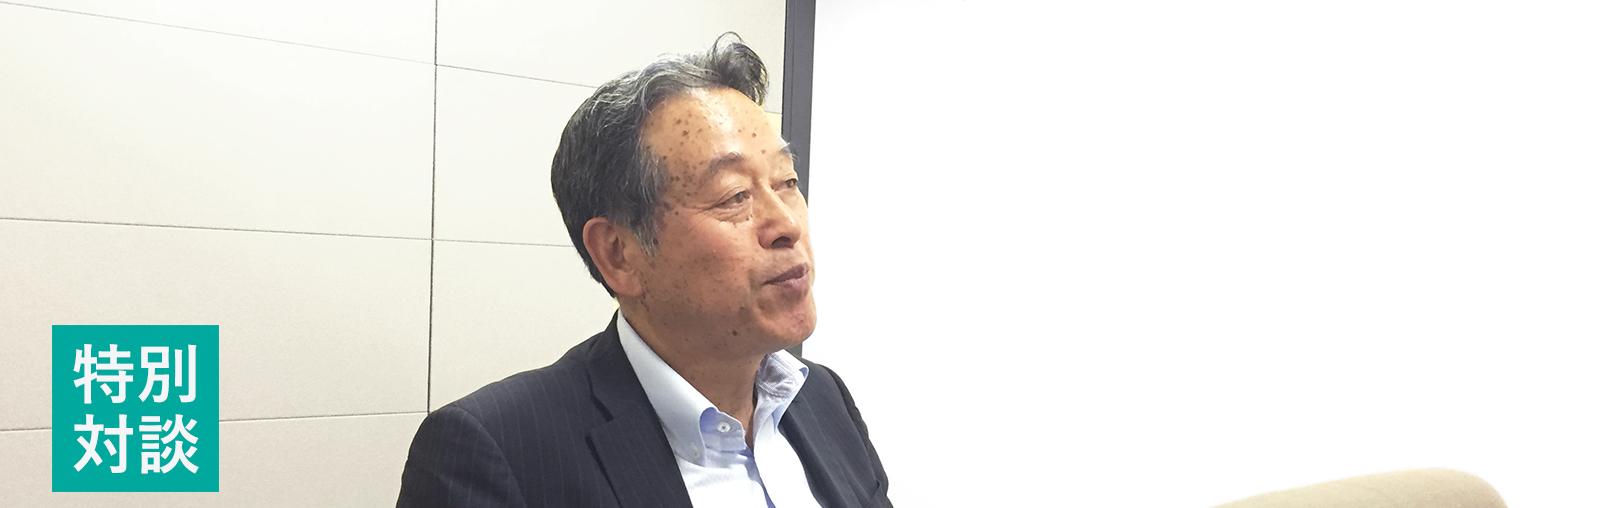 松林先生インタビュー